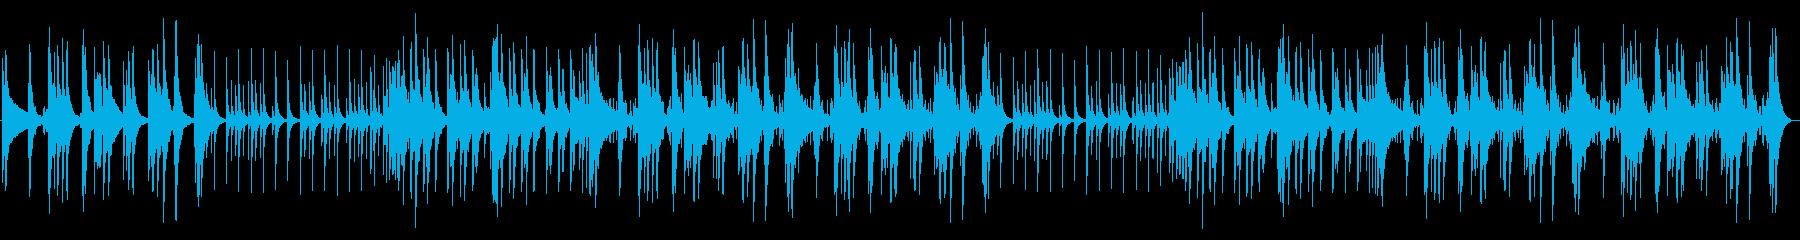 太鼓、チューブラーベル、シンバル、...の再生済みの波形